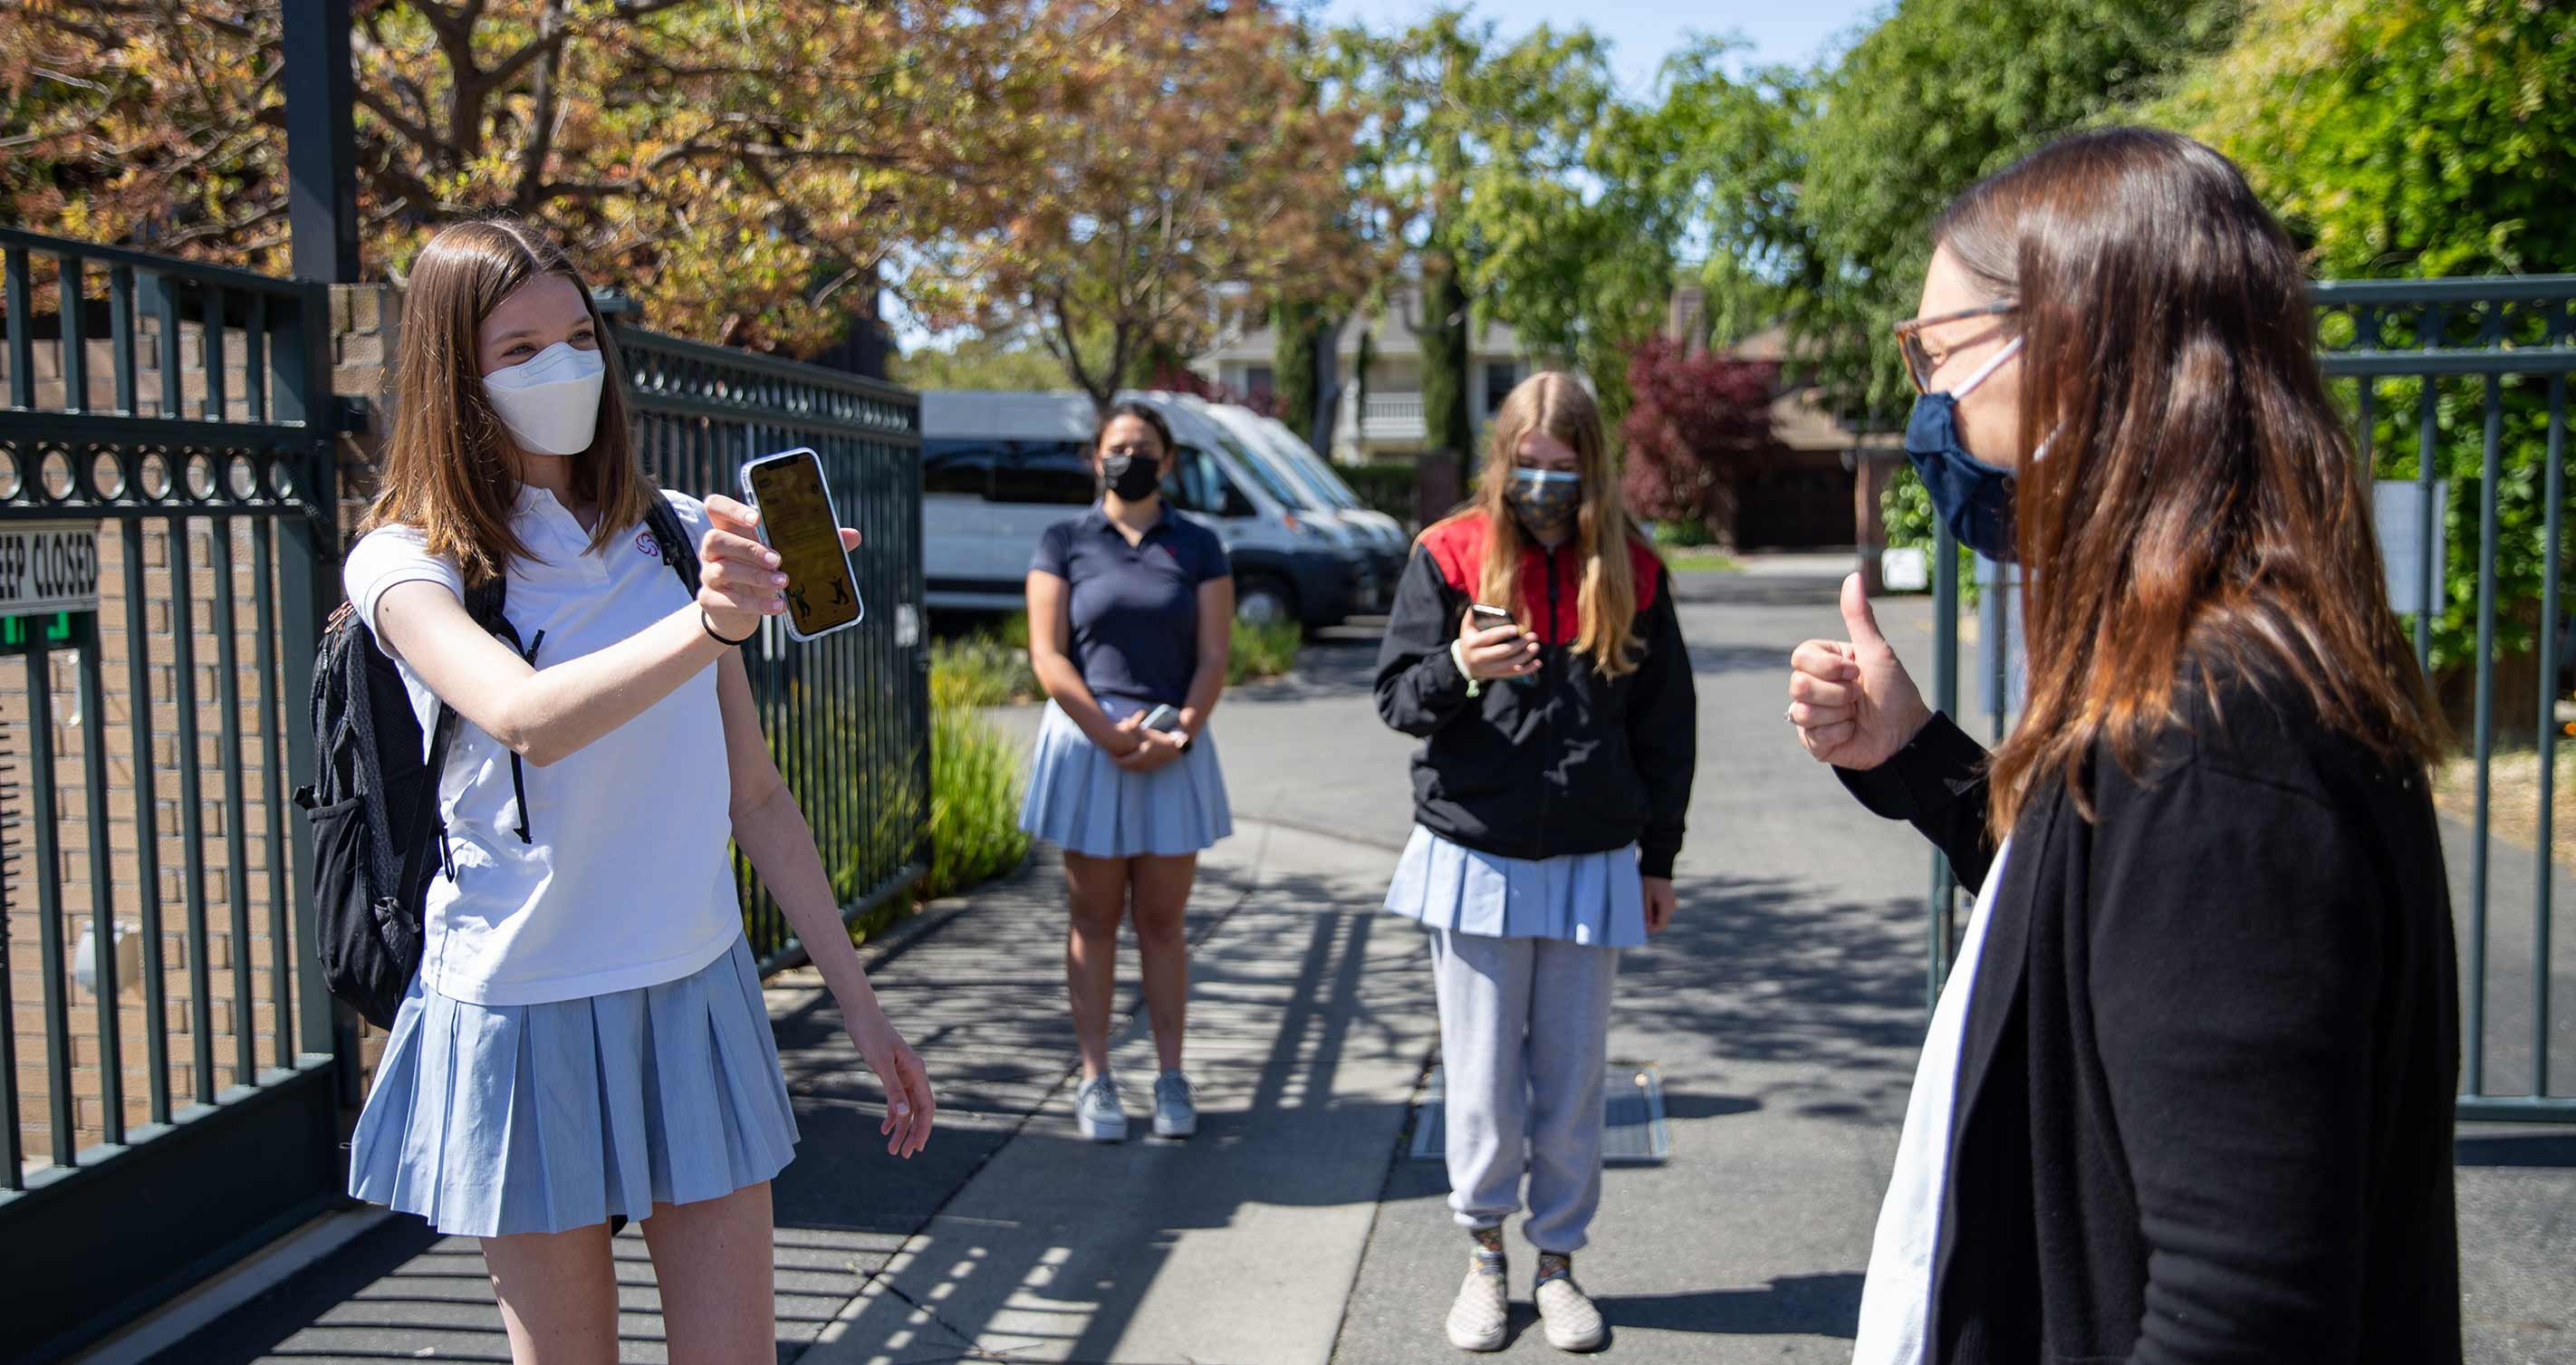 Castilleja students return to school using the CVKey health screening app.